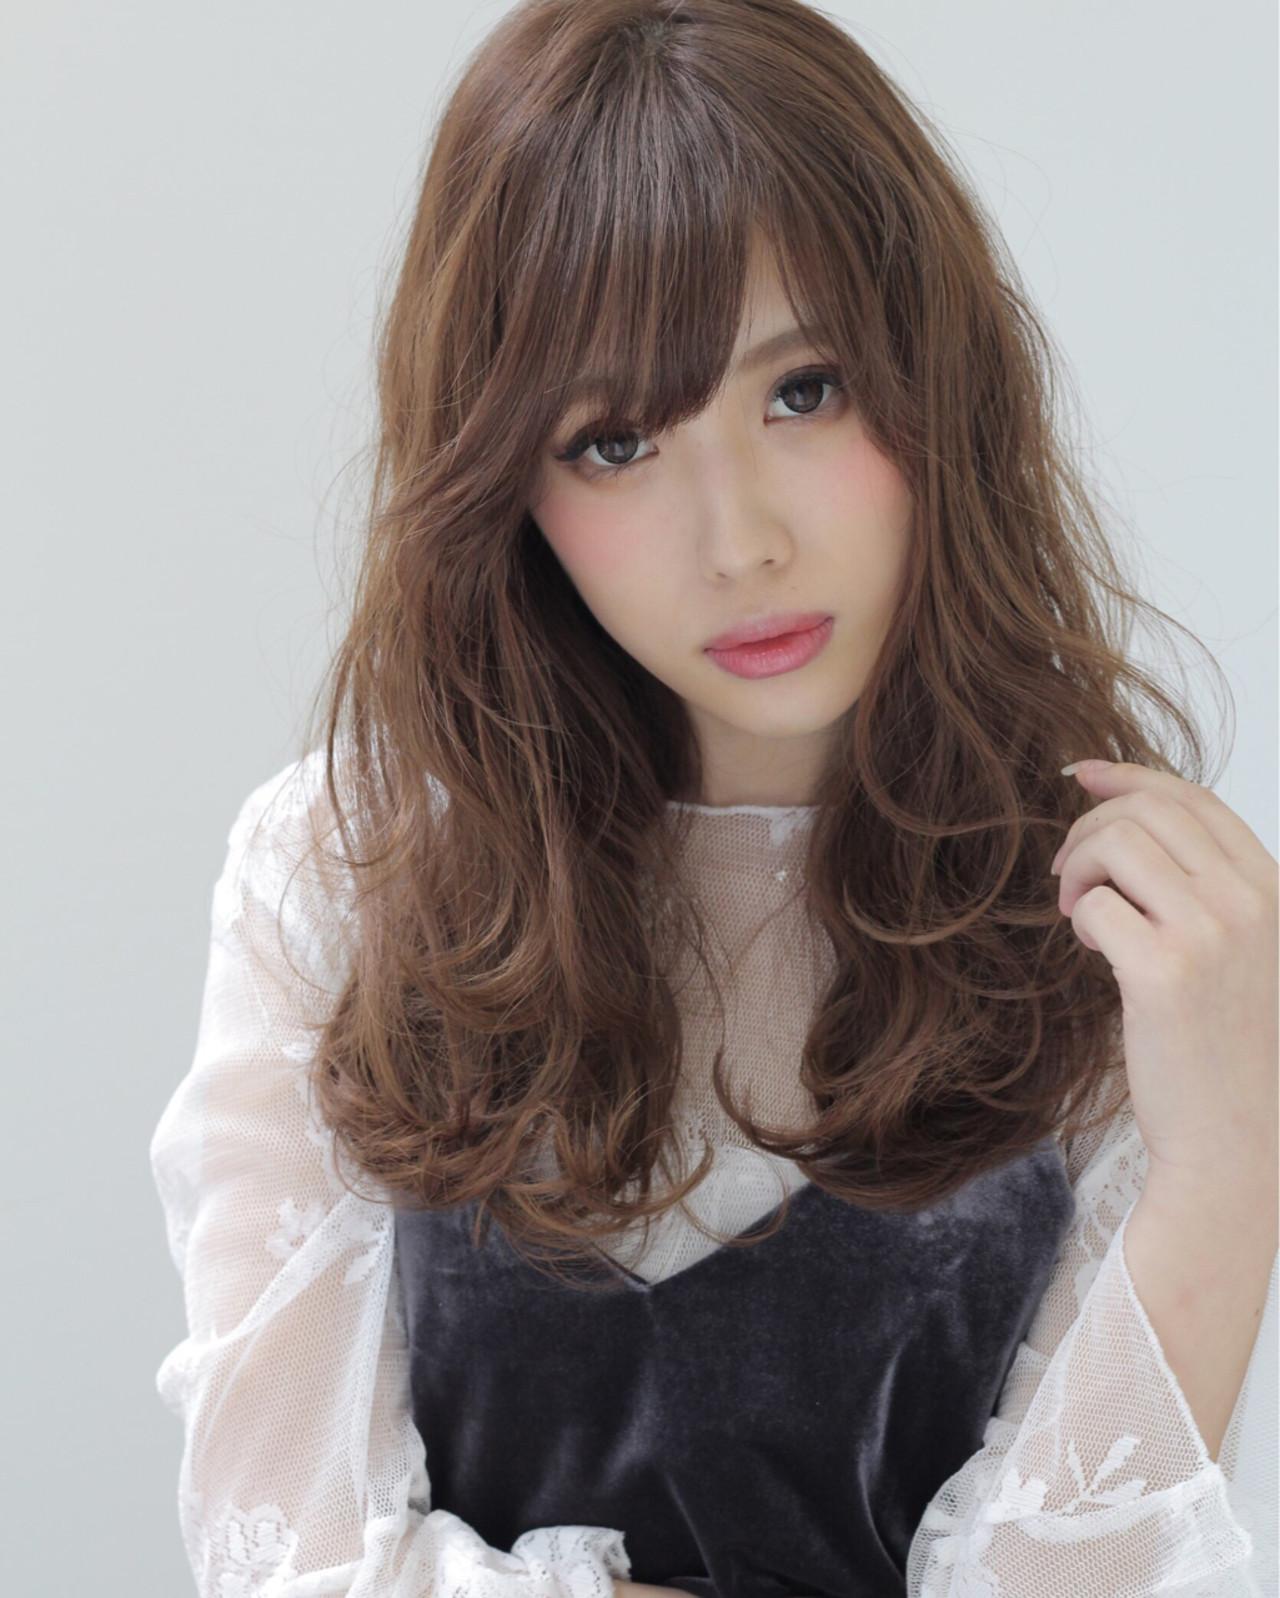 ミディアム ゆるふわ 外国人風 パーマ ヘアスタイルや髪型の写真・画像 | 石田 学史 / DISHEL